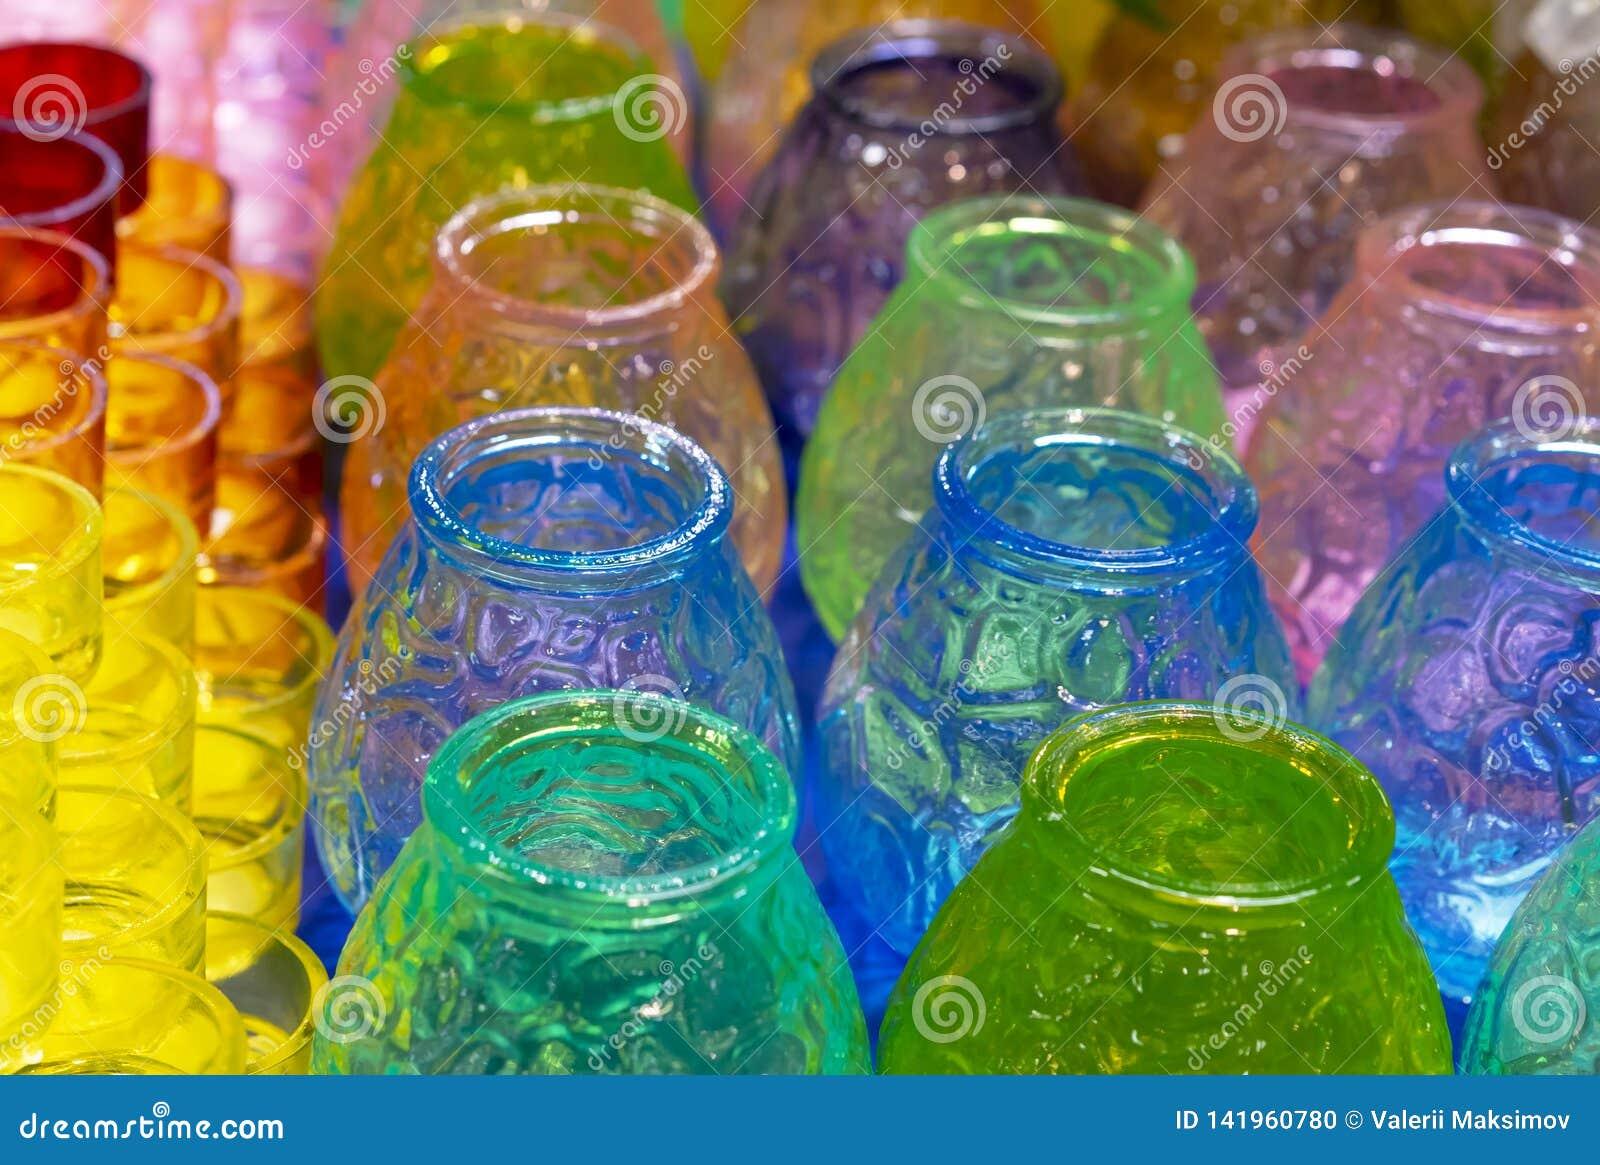 Mehrfarbige Glaskerzenhalter für Weihnachtskerzen